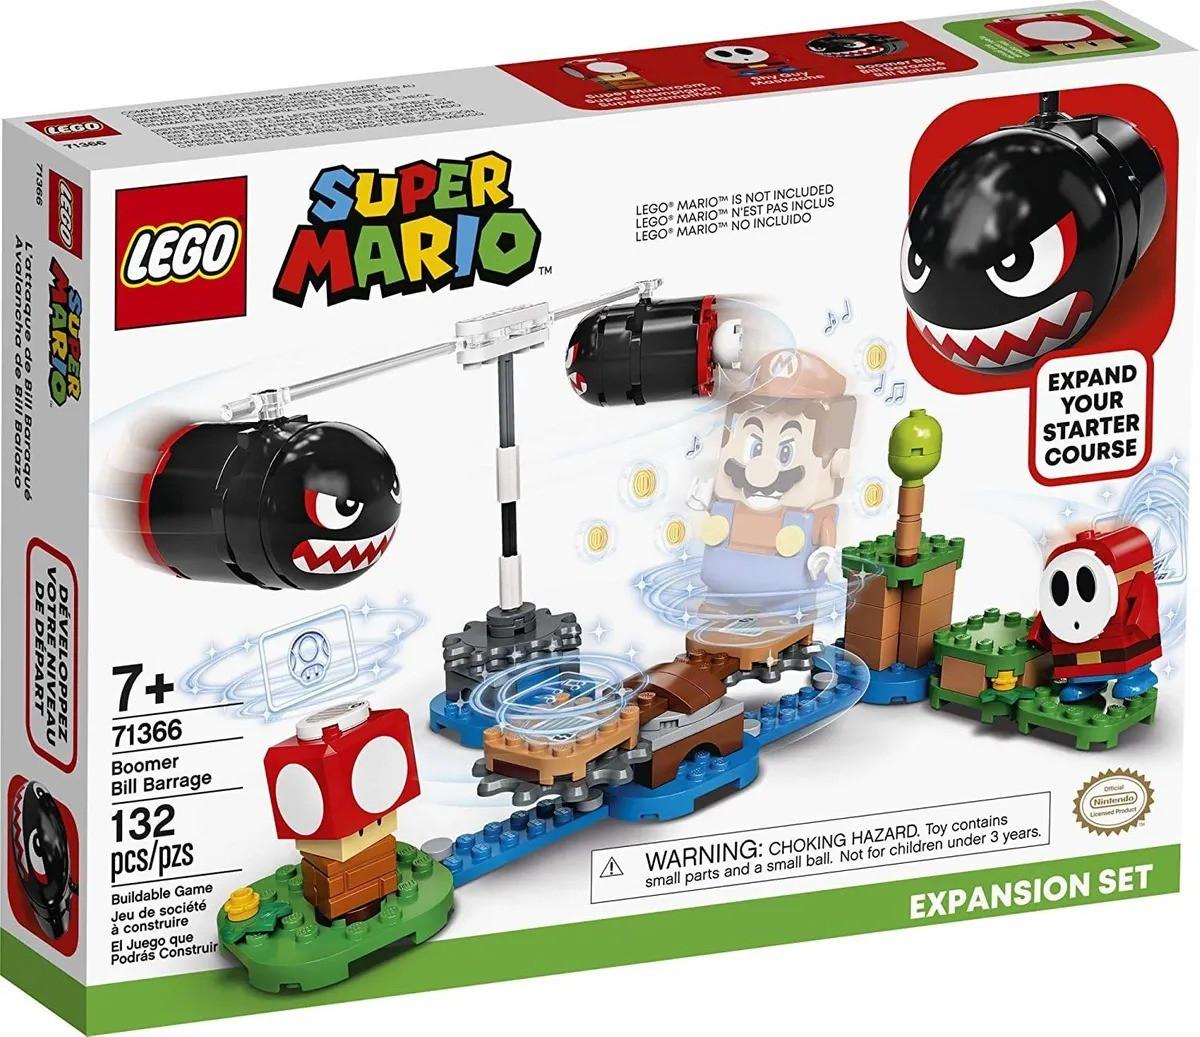 Lego 71366 Super Mario Bombardeio De Bill Balaços Expansao – 132 peças